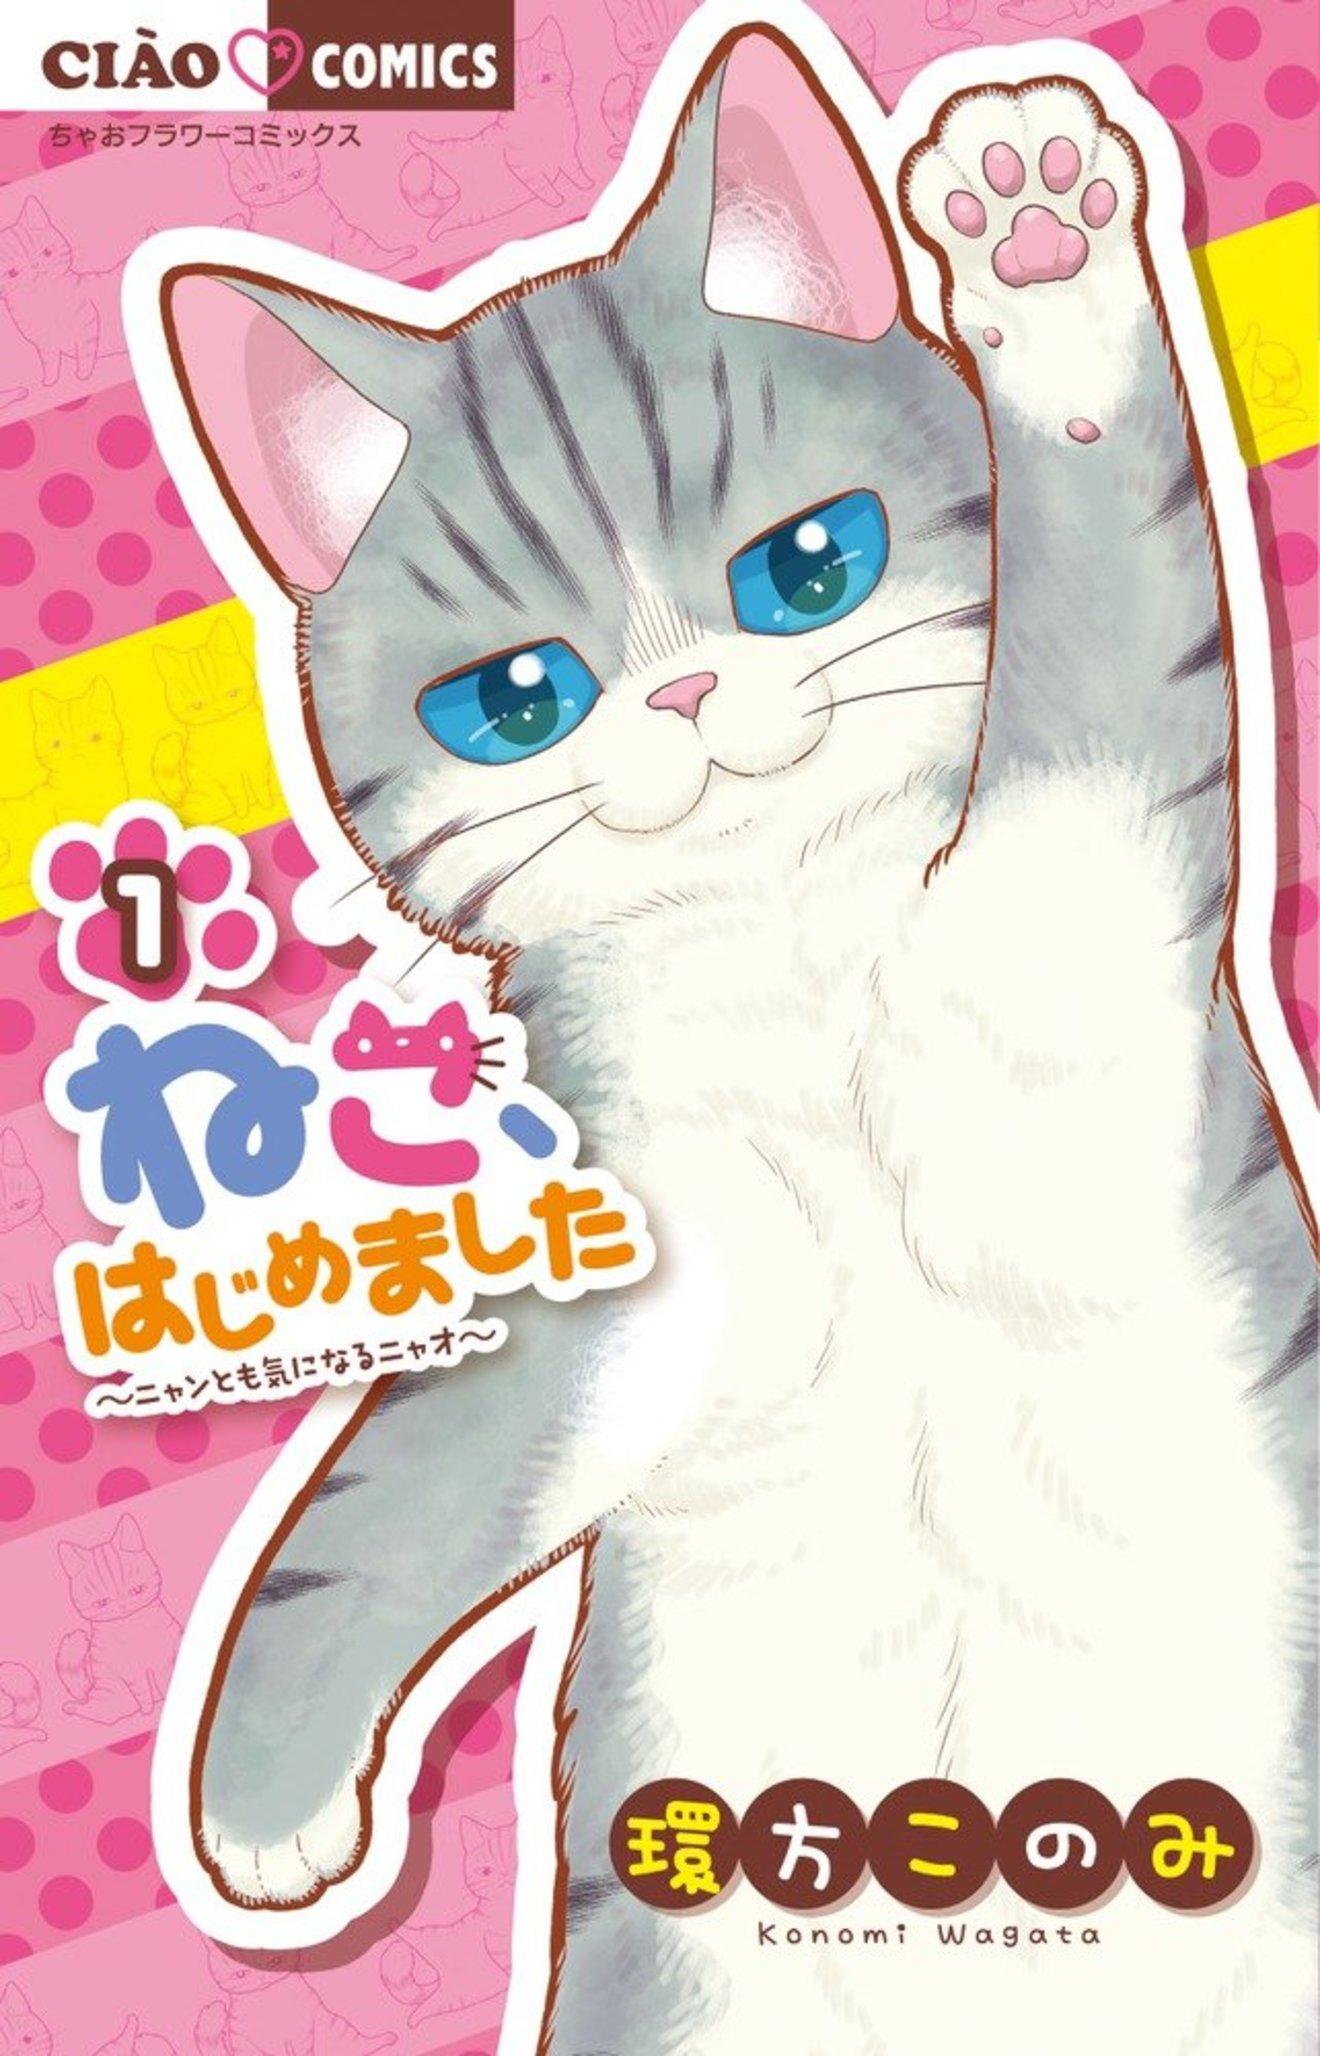 『ねこ、はじめました』が面白い!ゆるいネココメディの魅力をネタバレ紹介!